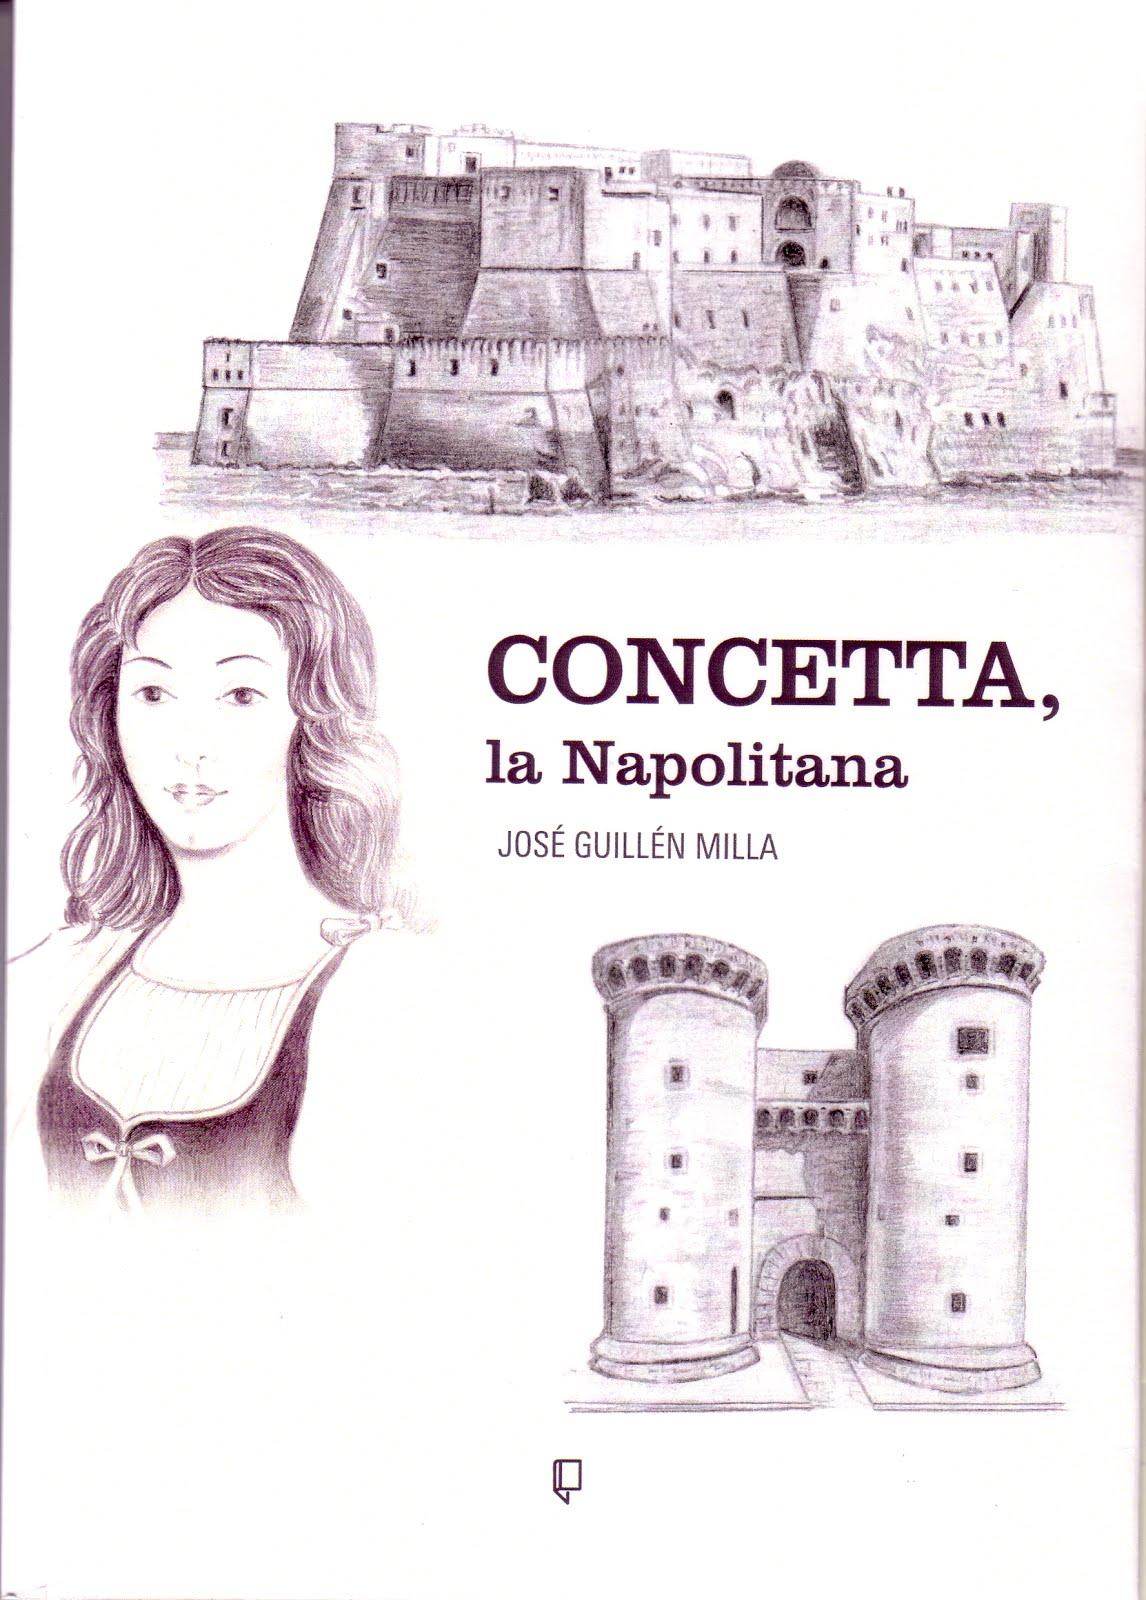 Concetta, la napolitana